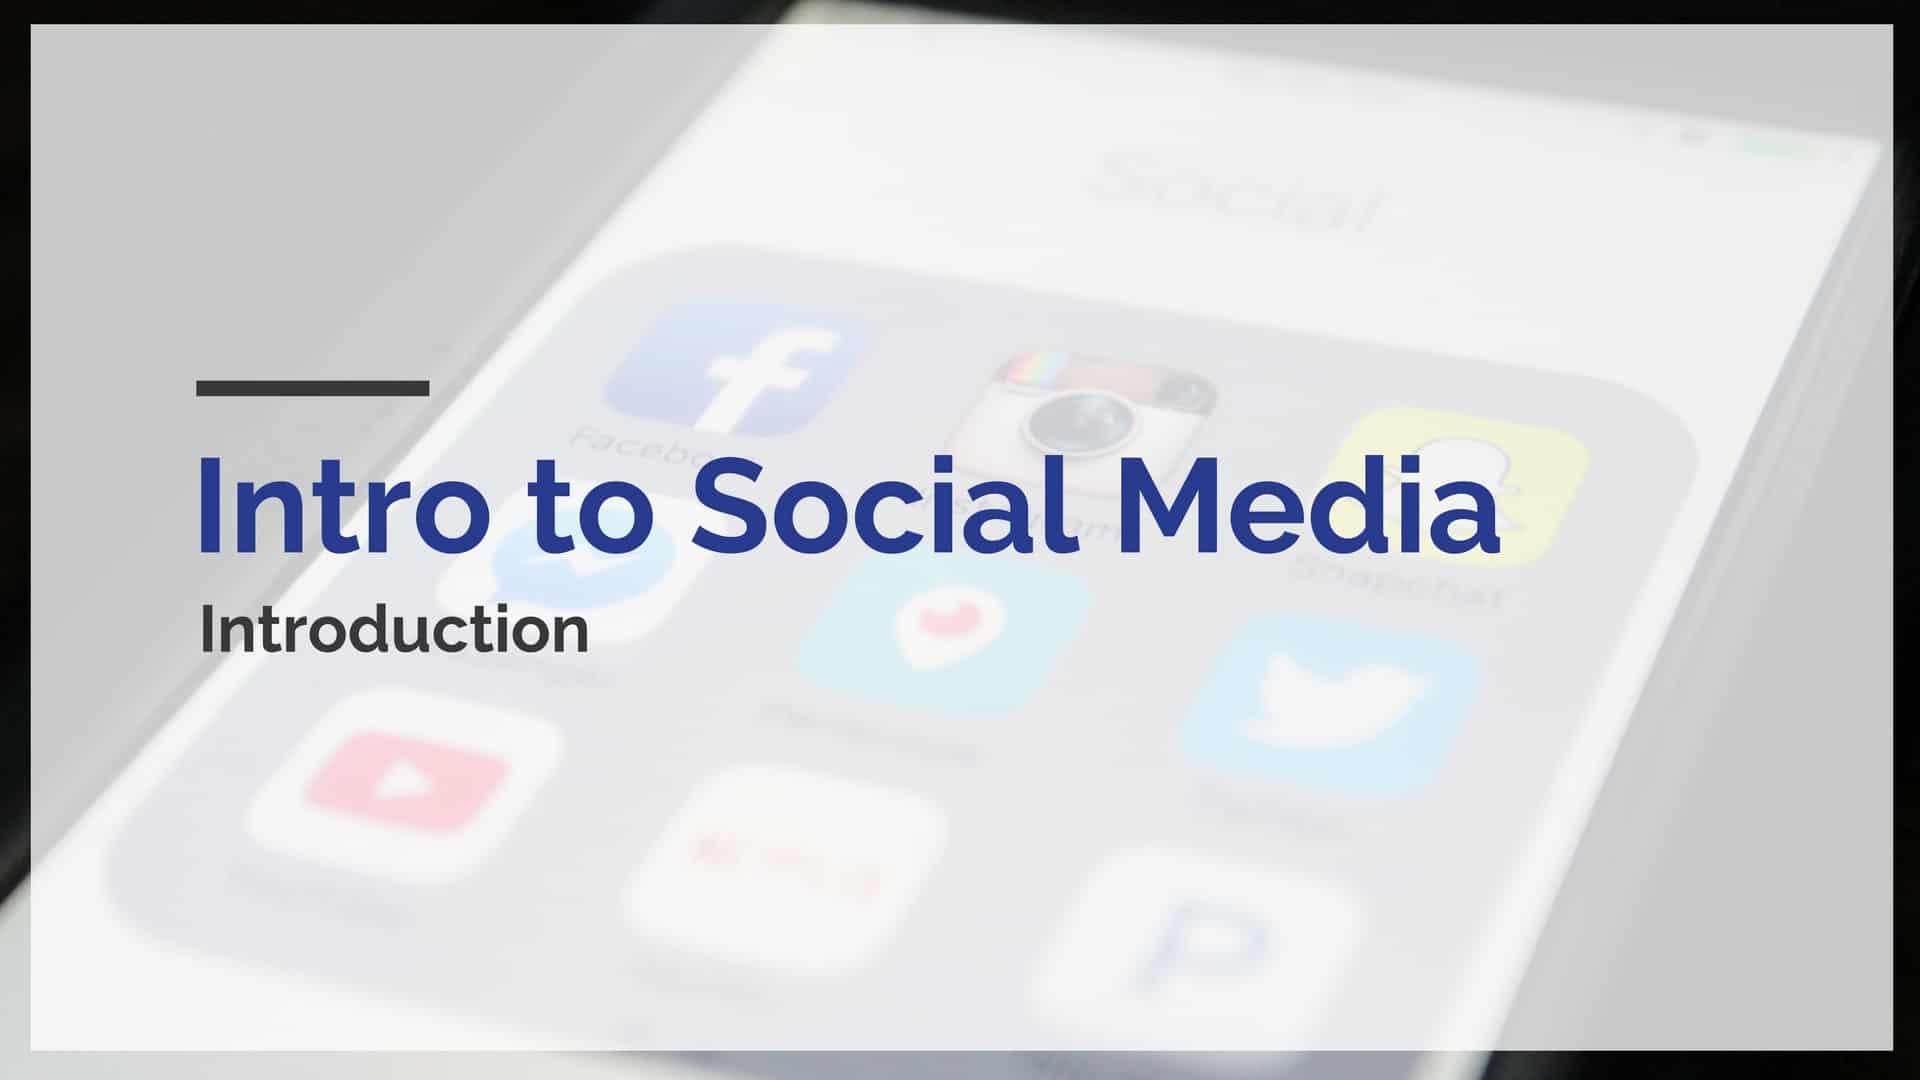 intro to social media course